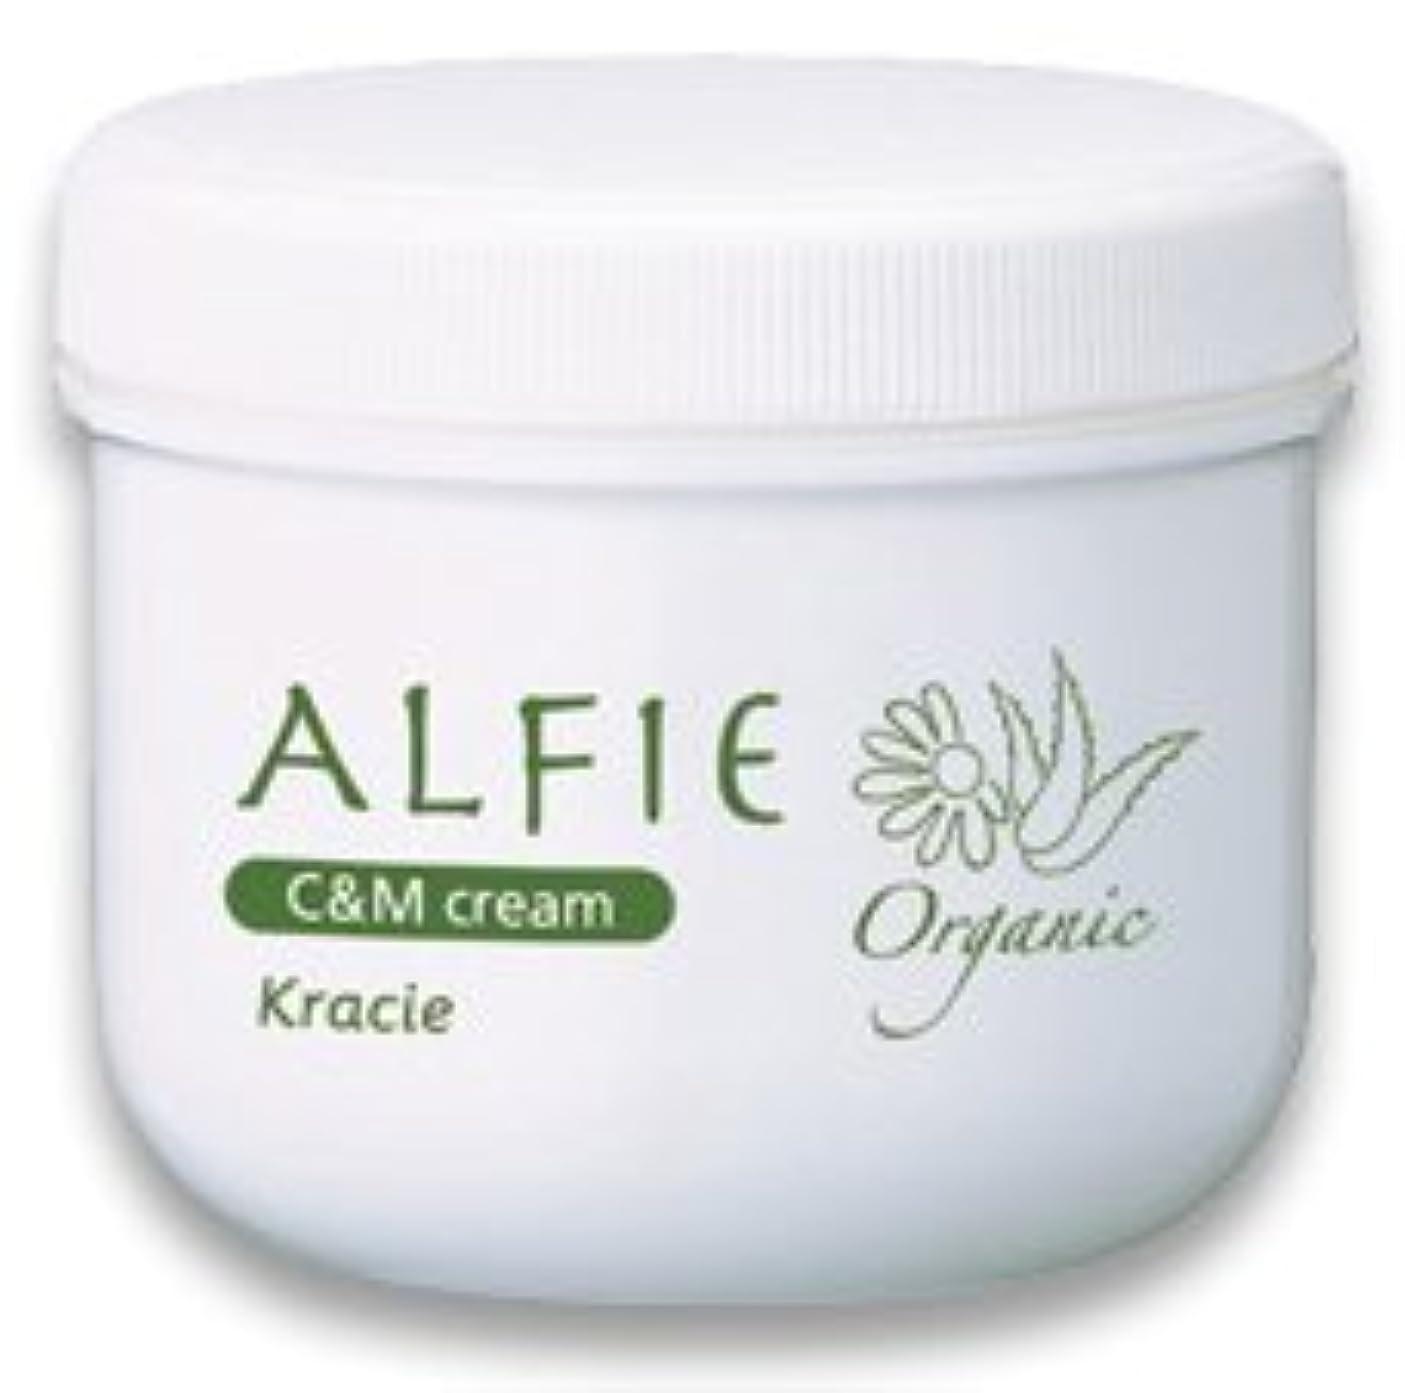 最大化する成功火kracie(クラシエ) ALFIE アルフィー C&Mクリーム 290g クレンジング?マッサージ兼用クリーム